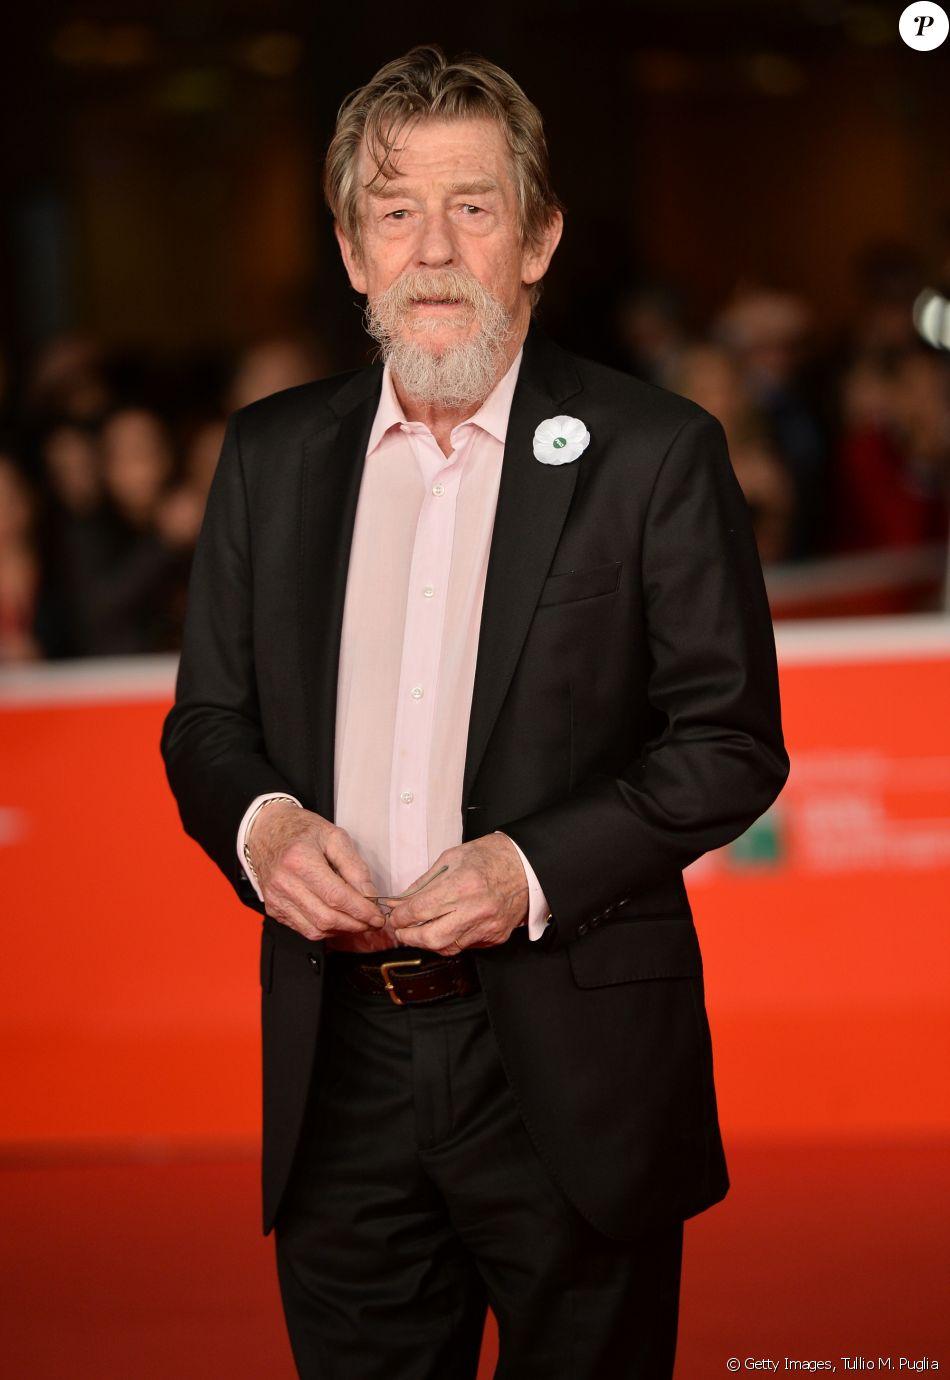 O ator britânico John Hurt, da saga 'Harry Potter' e 'Alien', morreu no dia 27 de janeiro de 2017, aos 77 anos, devido a complicações no intestino causadas por um câncer. Ele foi indicado ao Oscar de Melhor Ator por 'O Homem Elefante' e de Melhor Ator Coadjuvante por 'O Expresso da Meia-Noite'